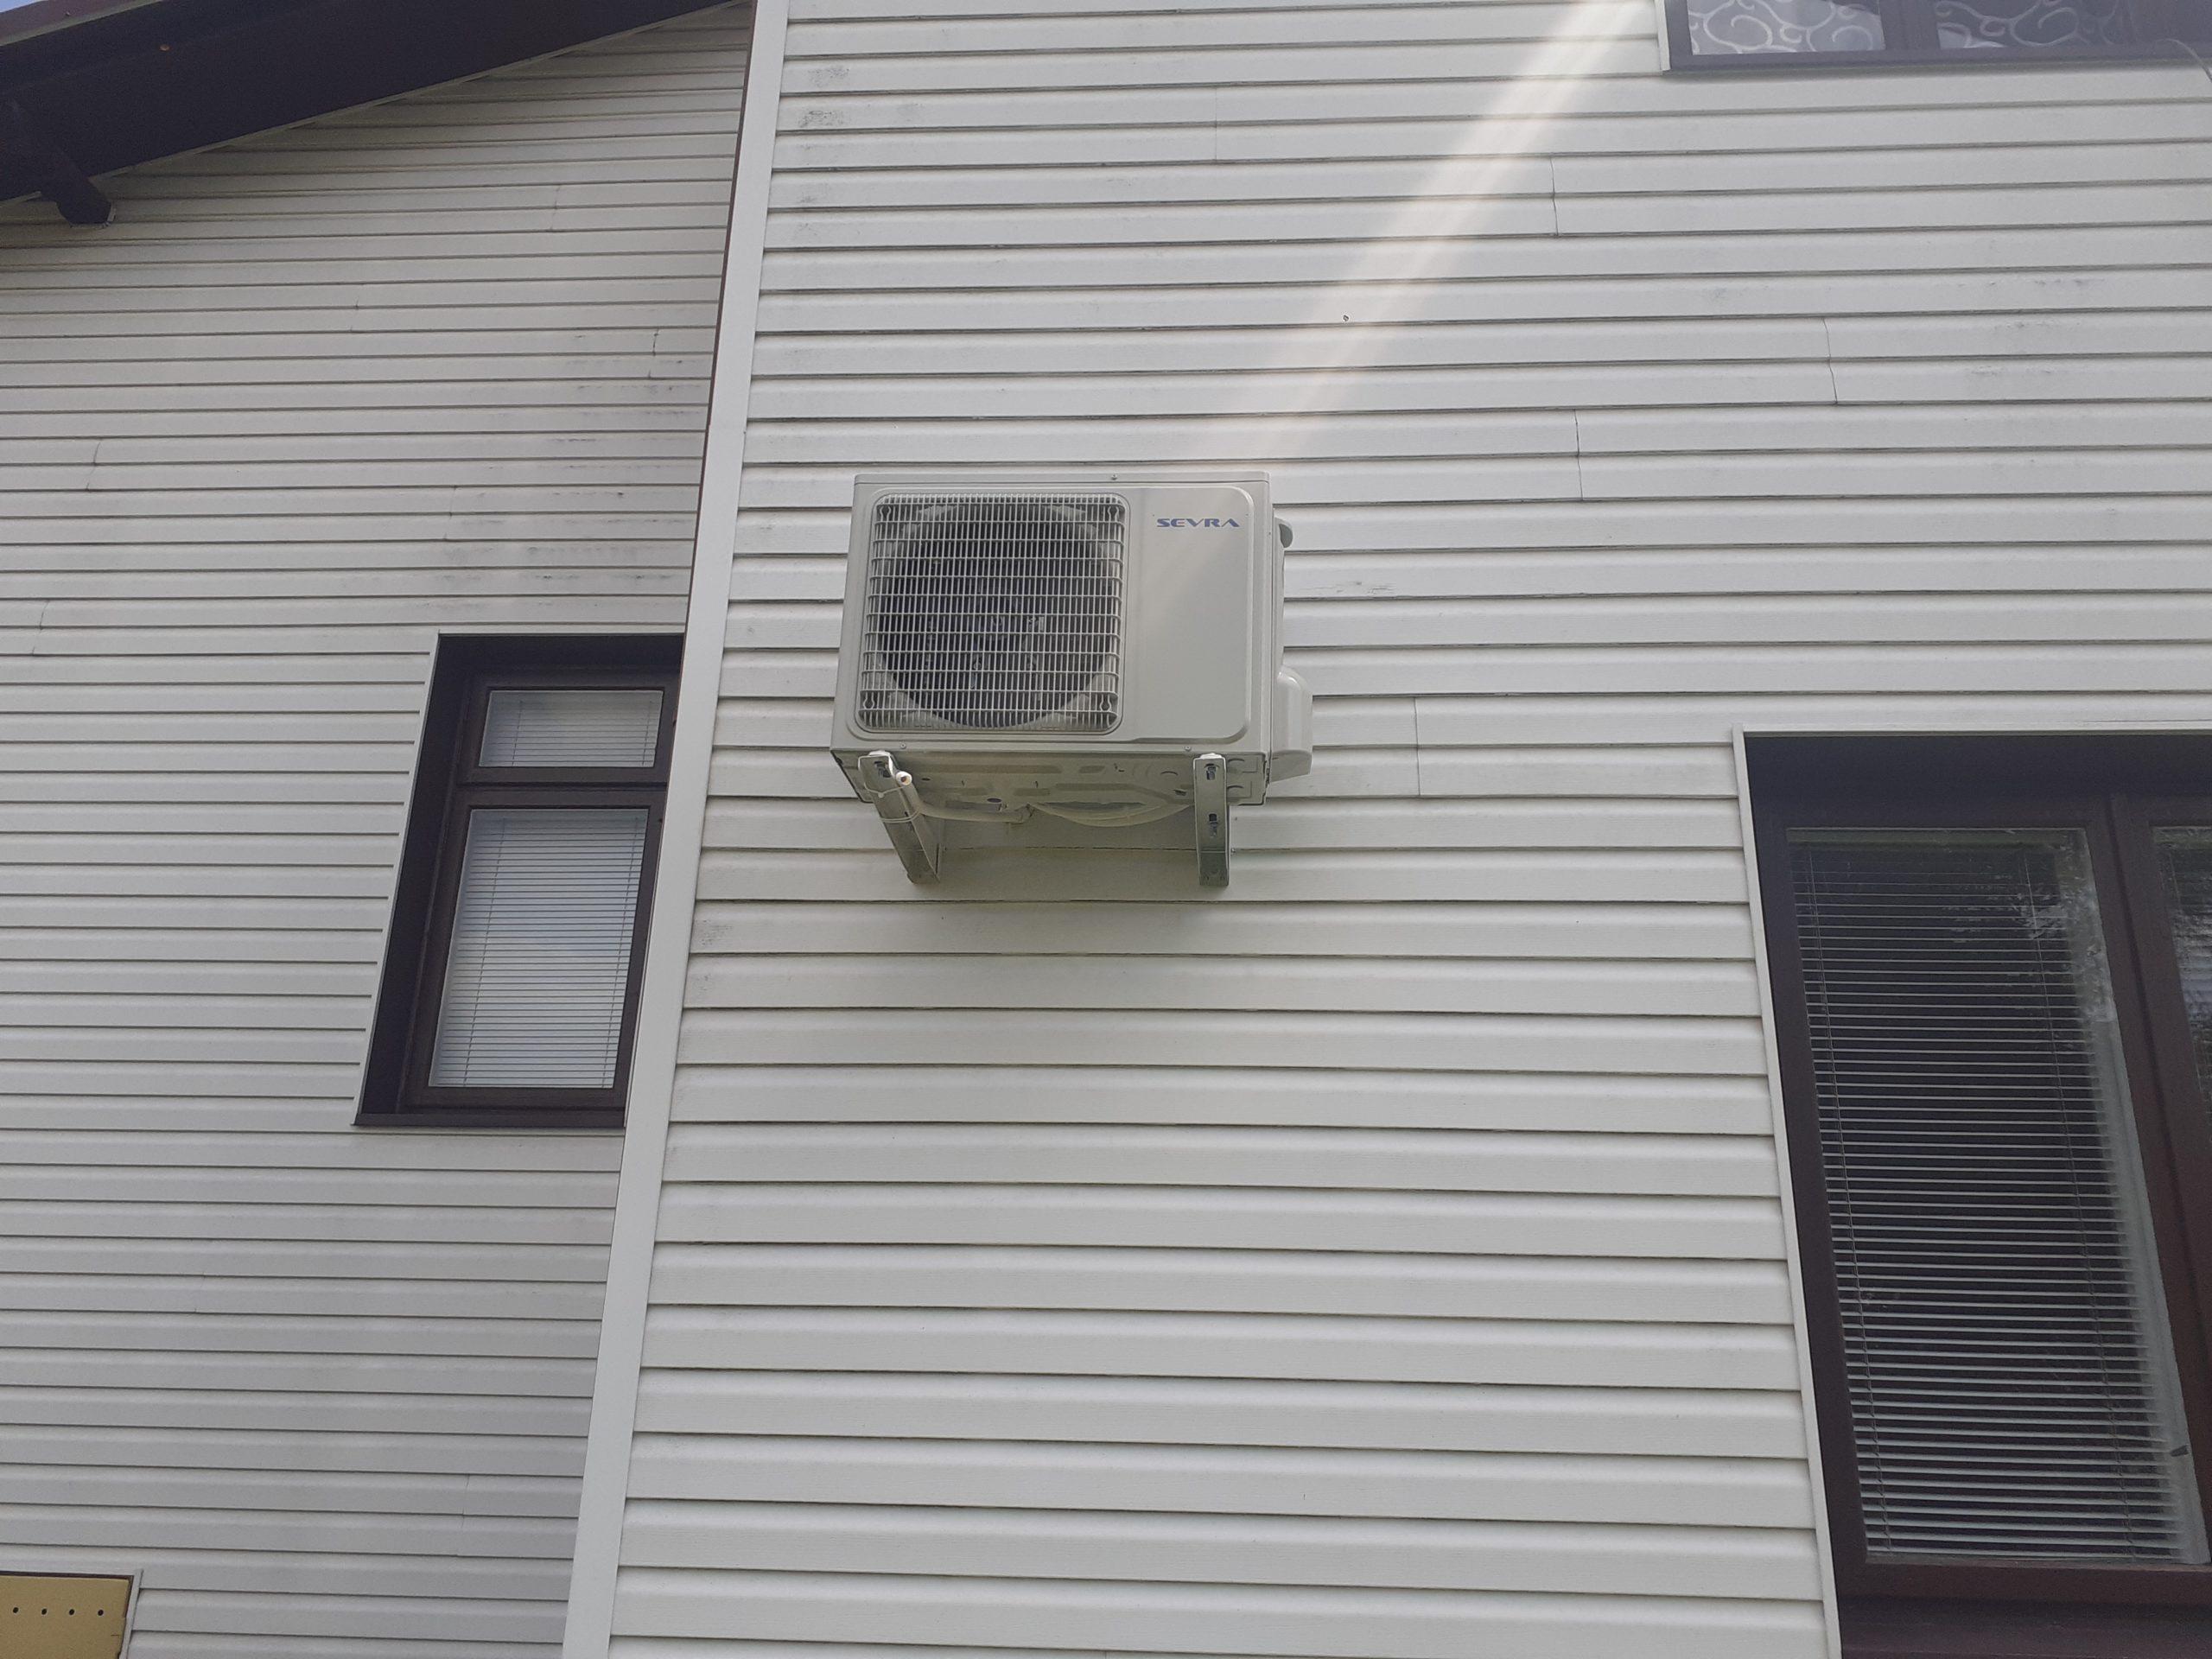 klimatyzacja janow lubelski montaz klimatyzacji janow lubelski infomech 45